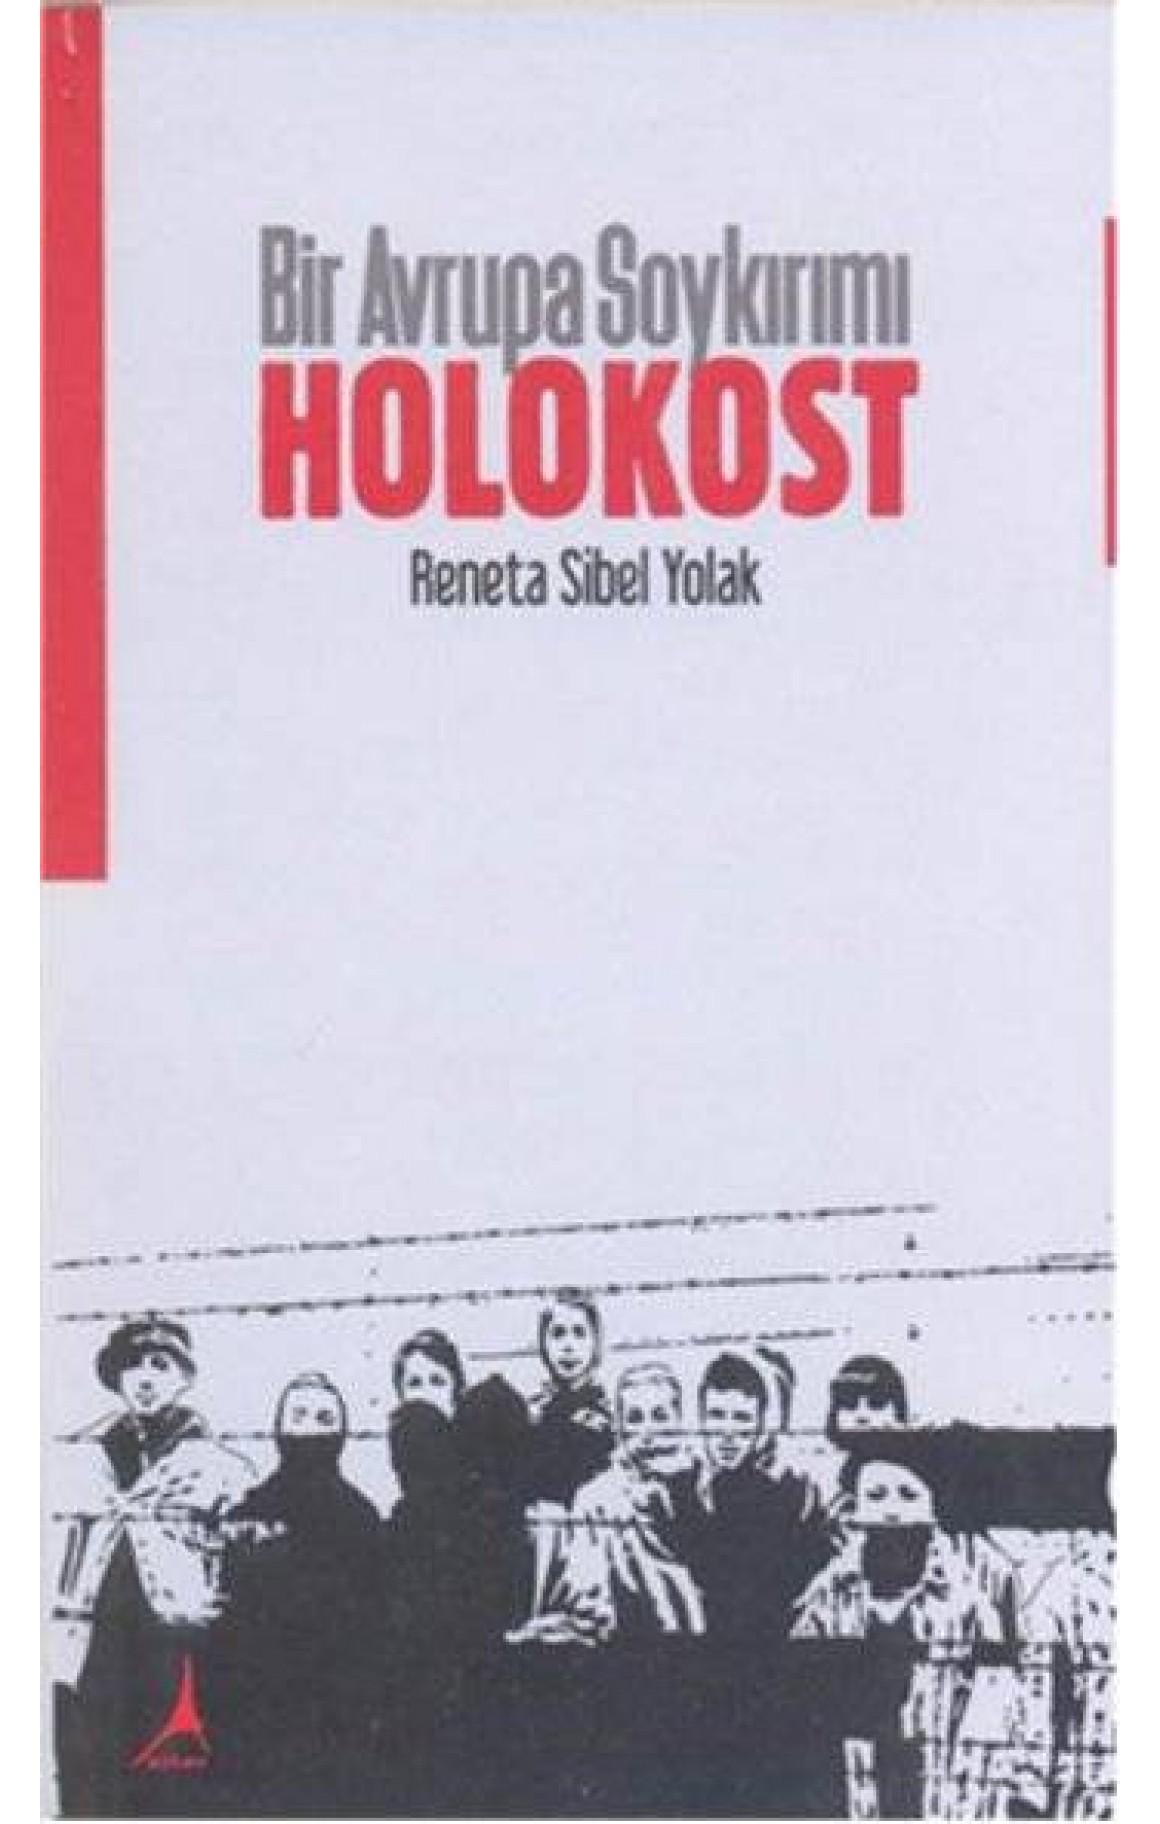 Bir Avrupa Soykırımı - Holokost